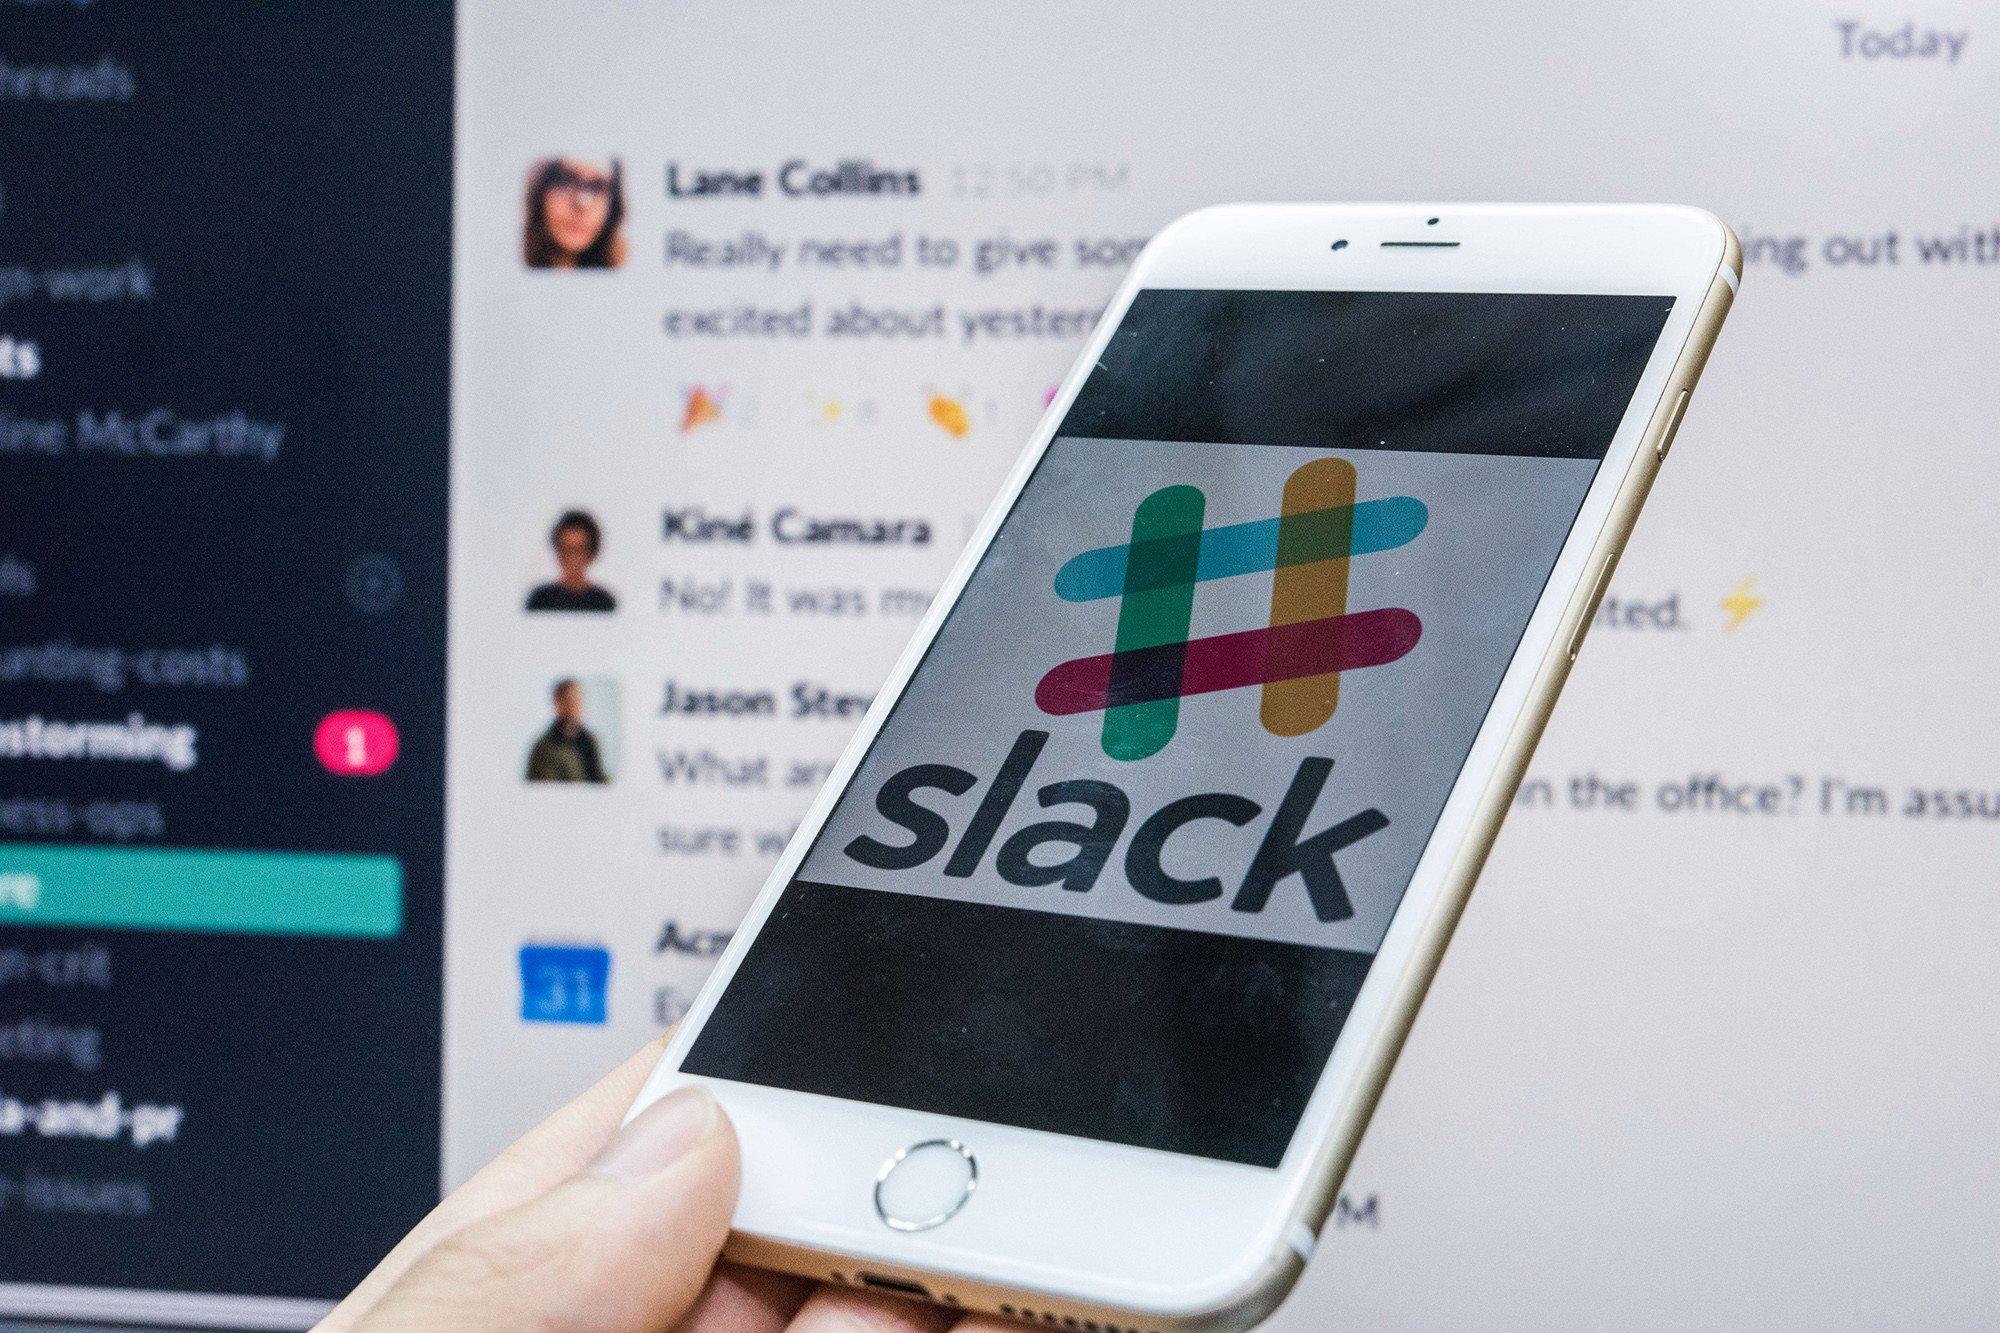 Тепер російською мовою: месенджер Slack порадував оновленням - Фото 1